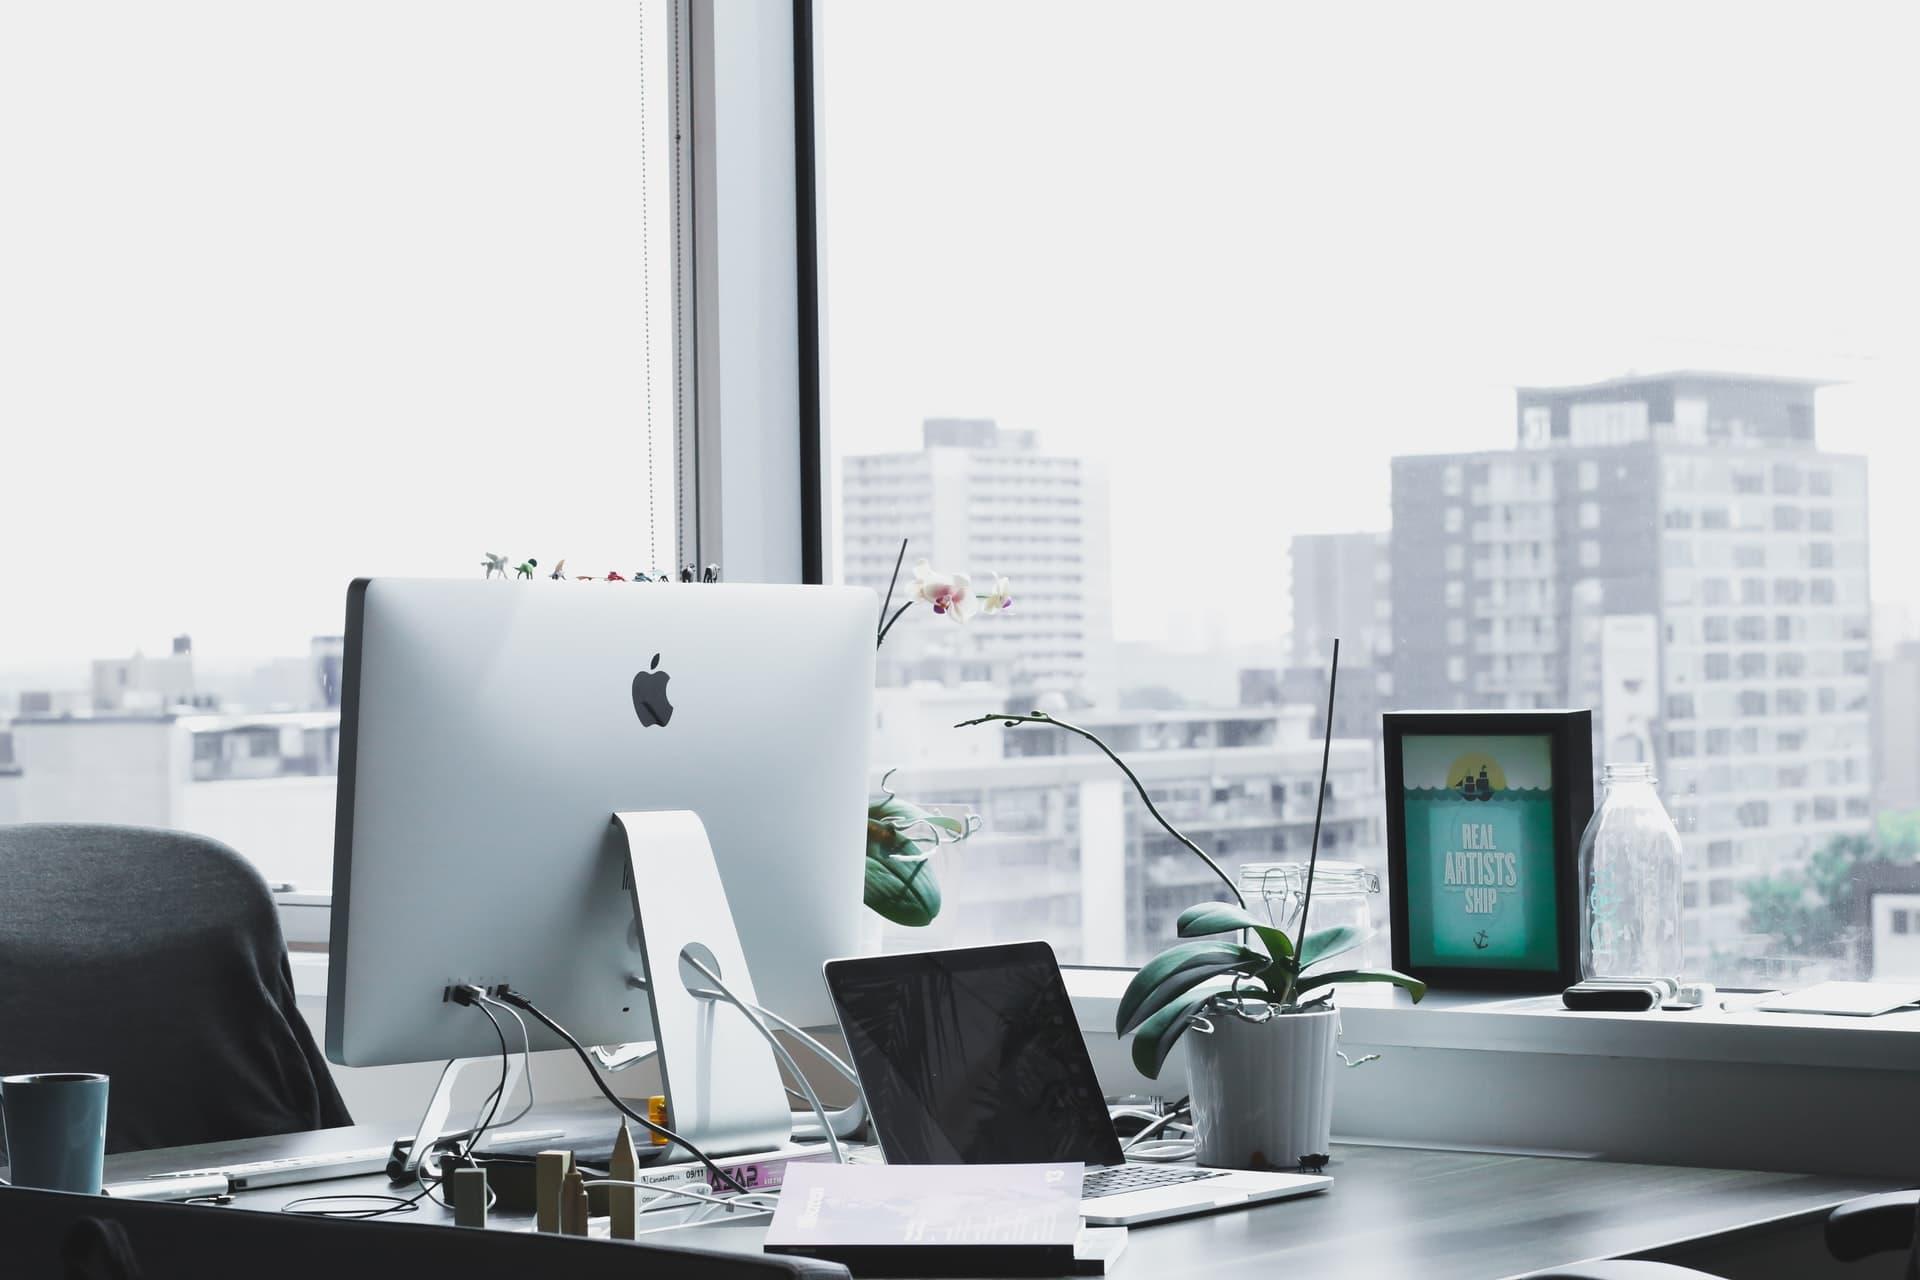 إدارة المكتب أو إدارة المكاتب بشكل جيد